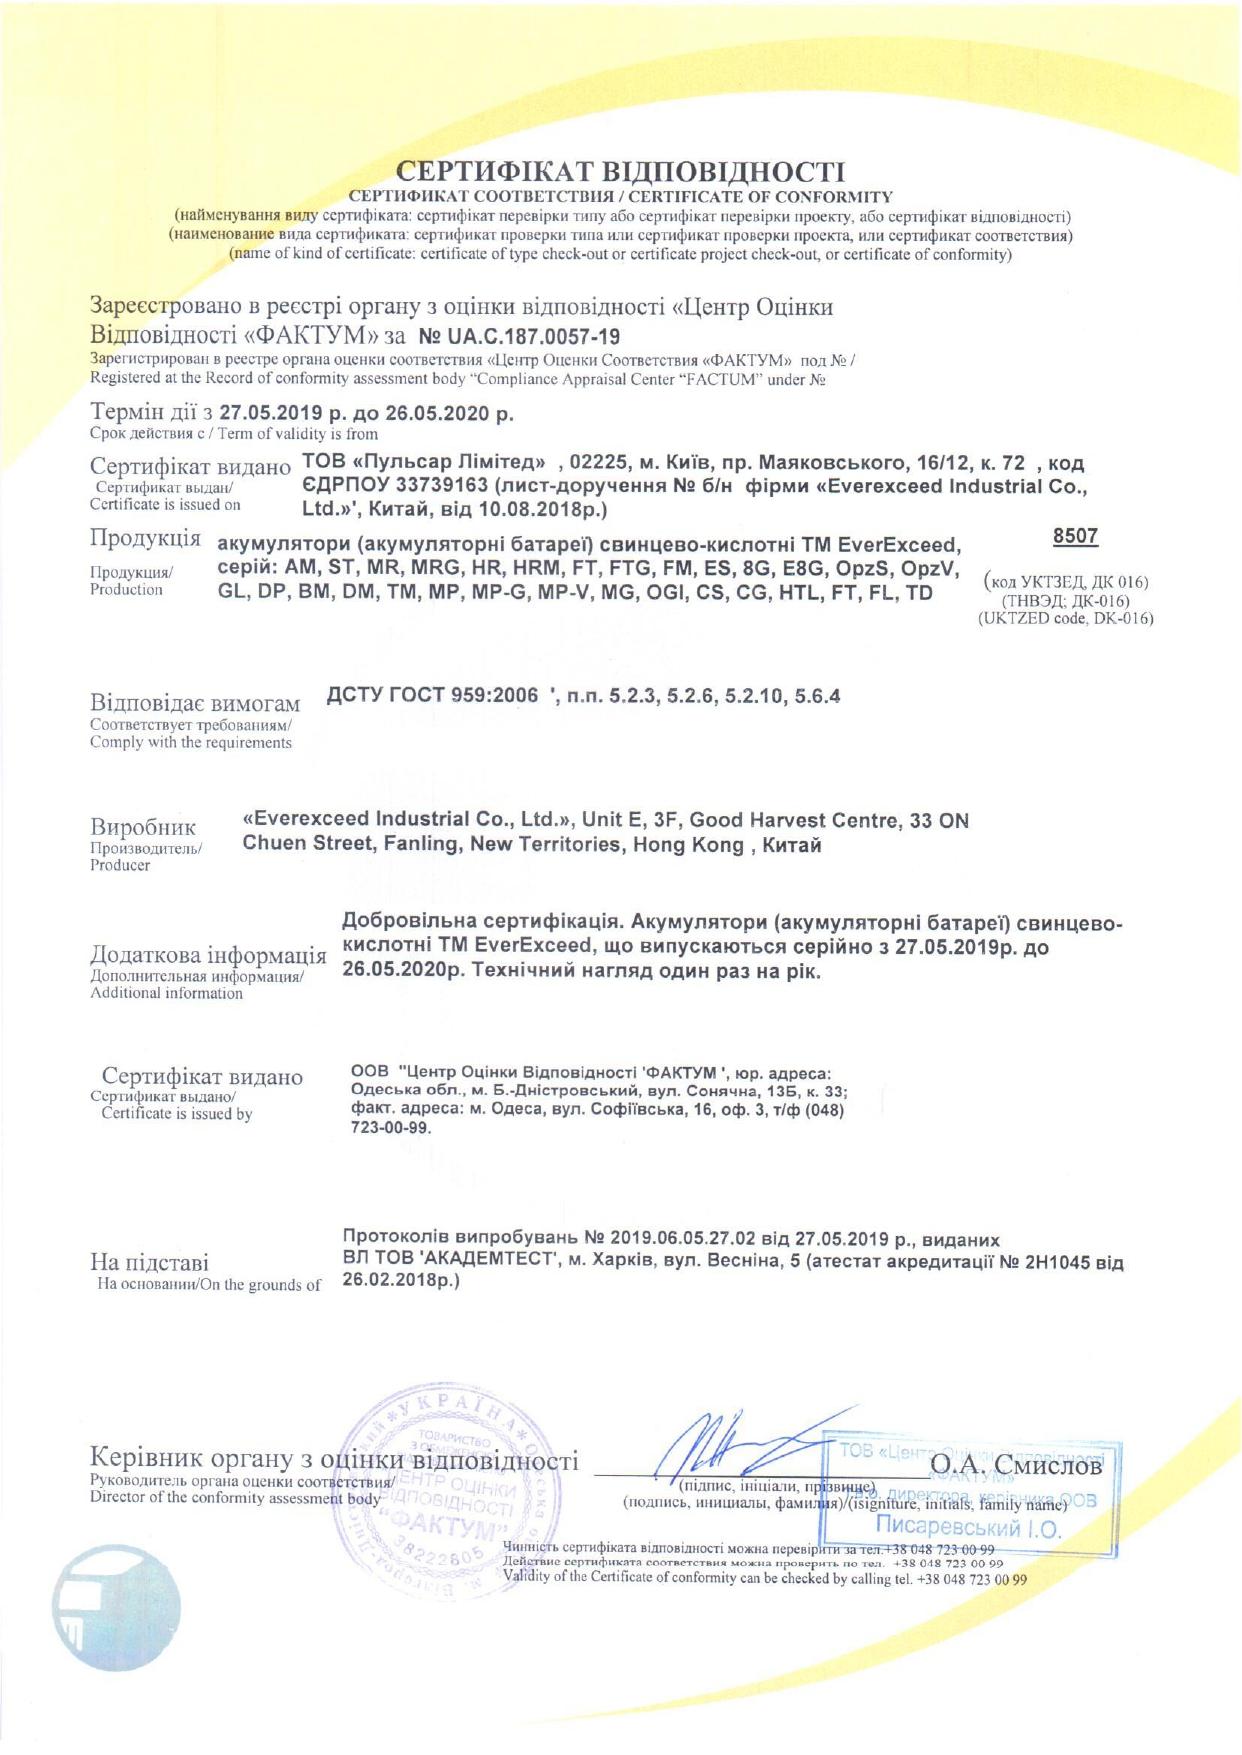 Сертификат соответствия EverExceed 2019-2020